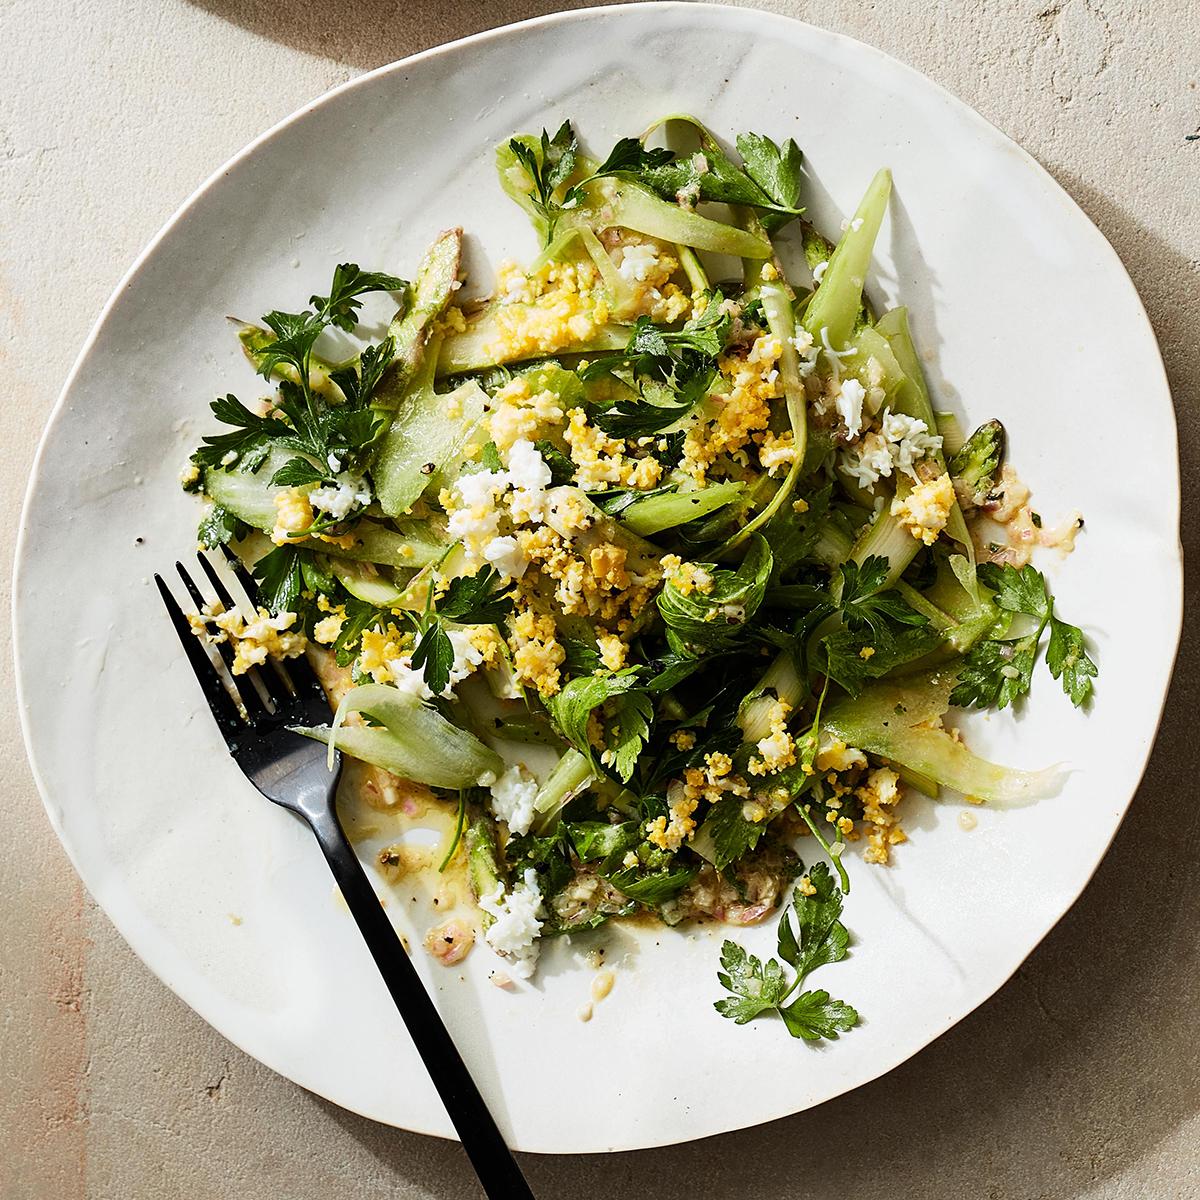 asparagus celery salad hard boiled eggs